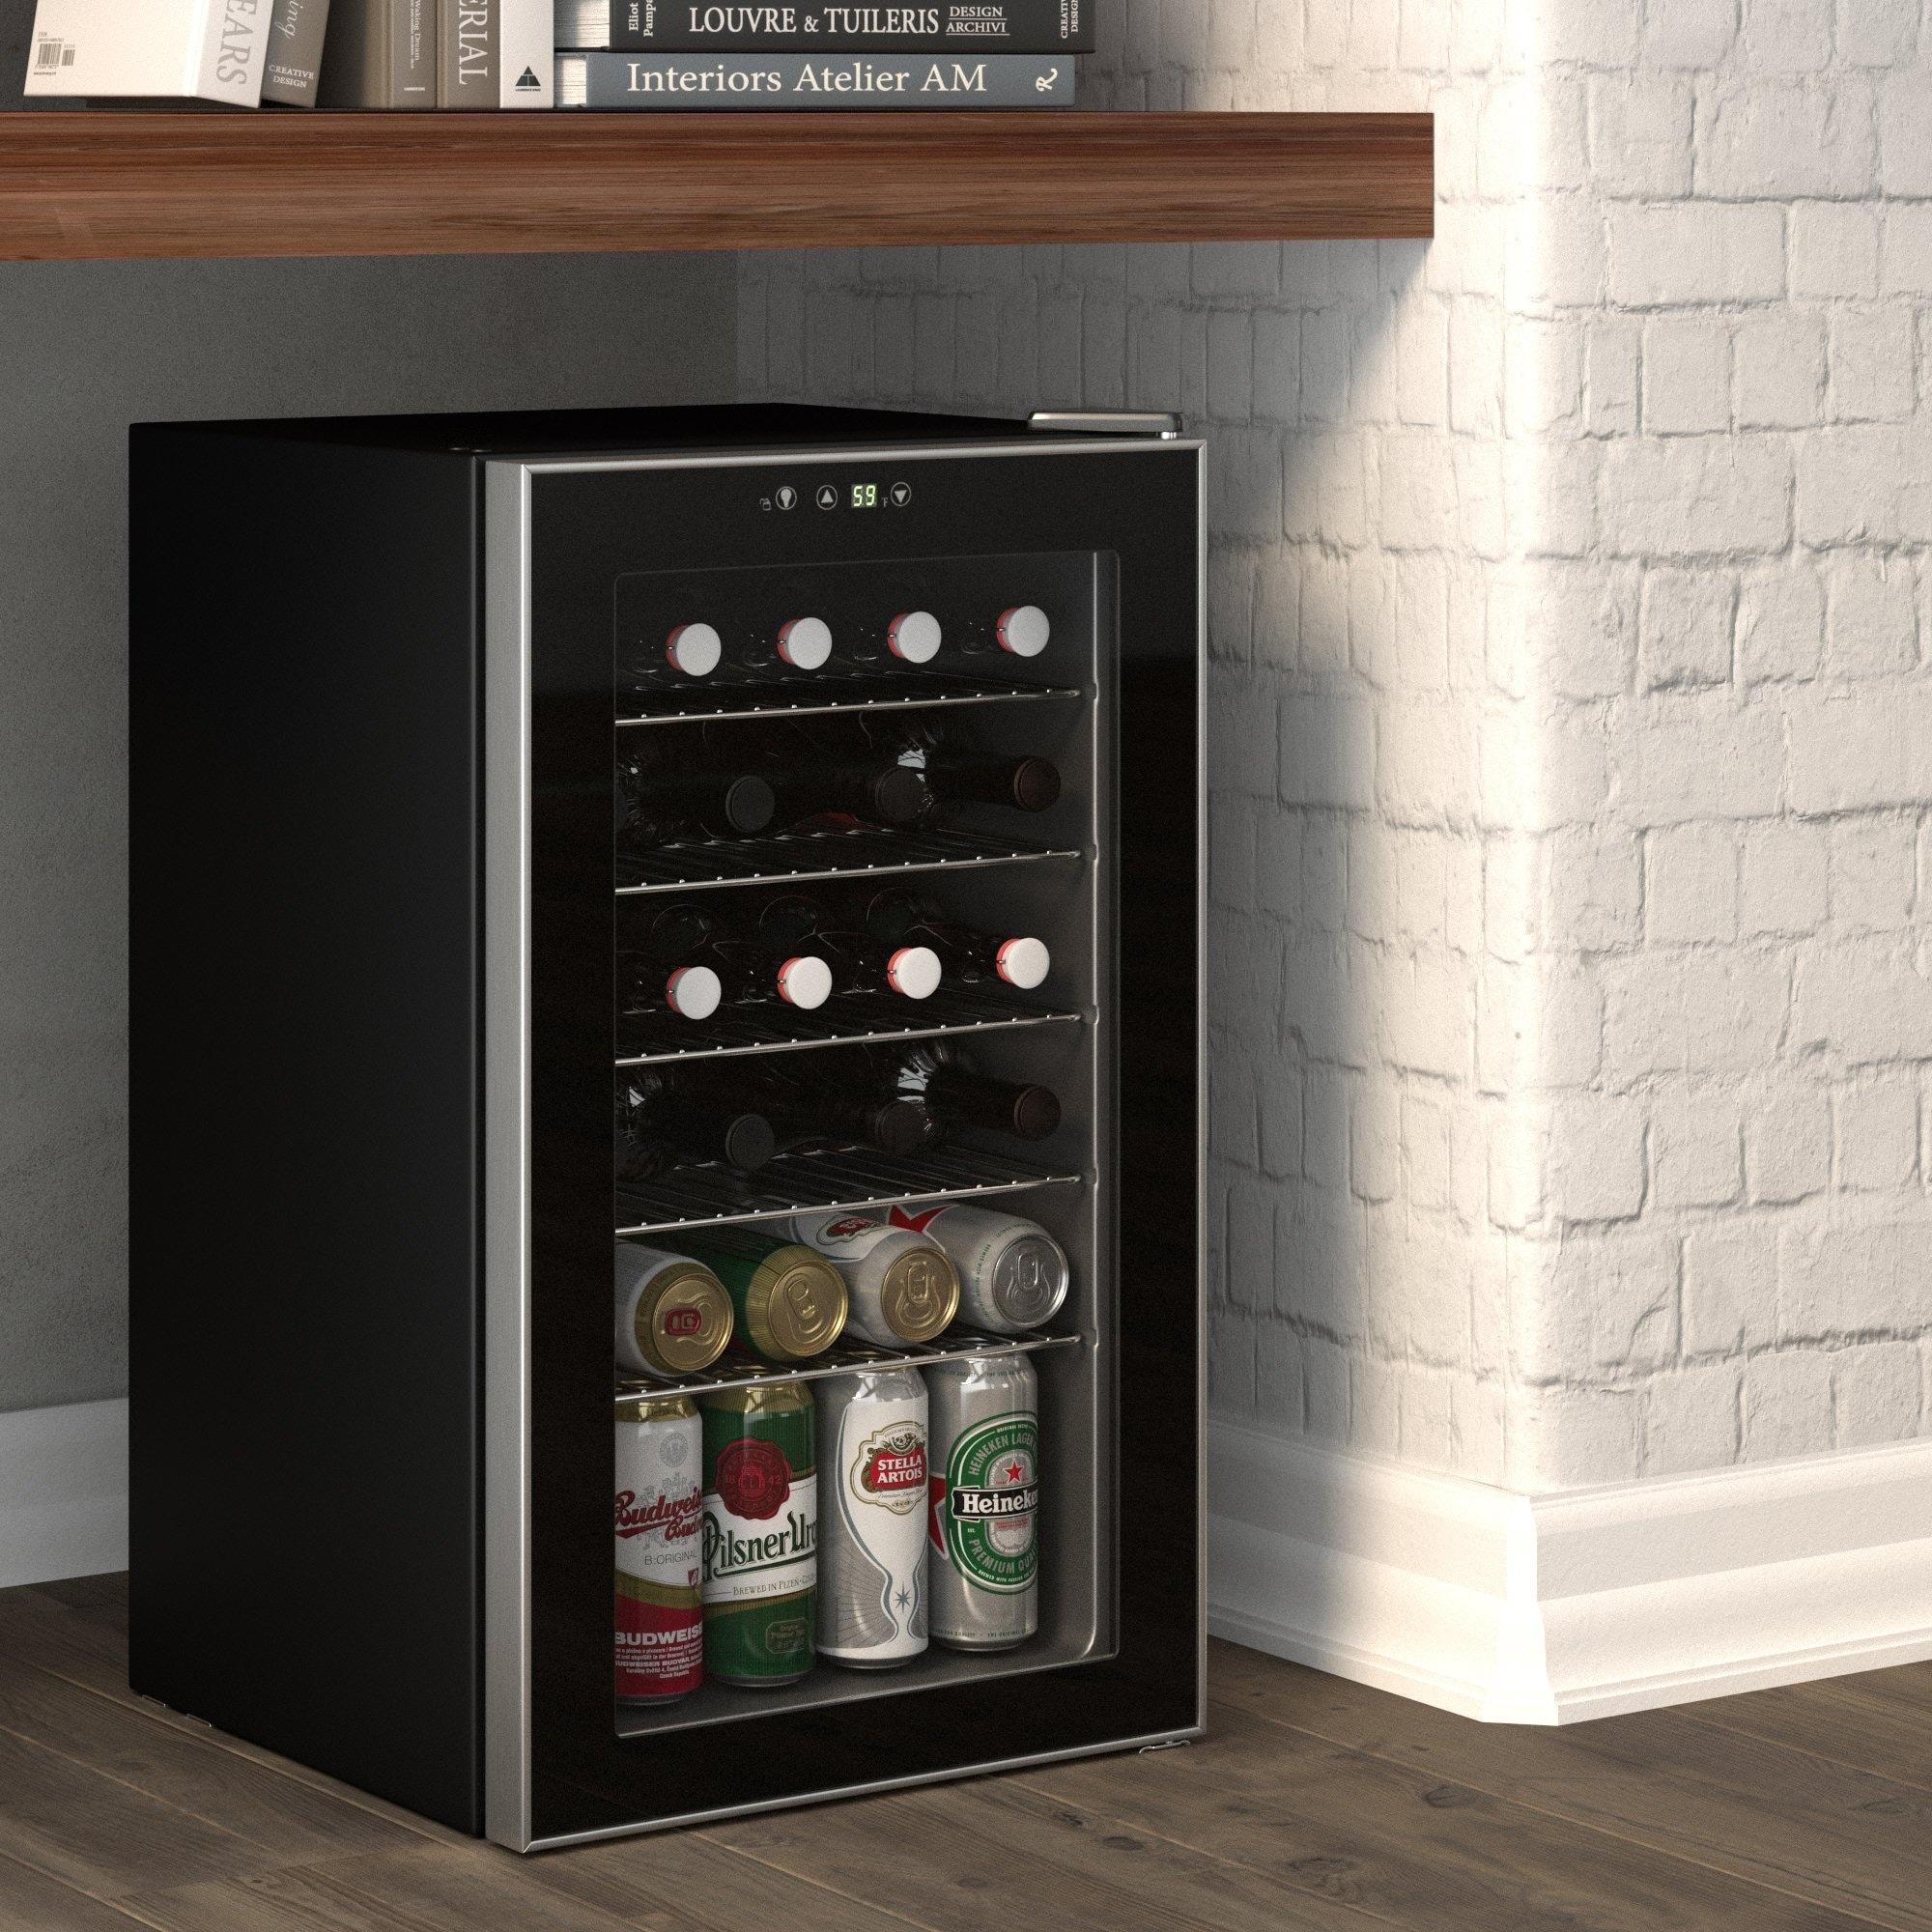 Okada 85 Can Or 24 Bottles Beverage Refrigerator Or Wine Cooler Mini Fridge With Glass Door For Beer Soda Or Wine Overstock 31136097